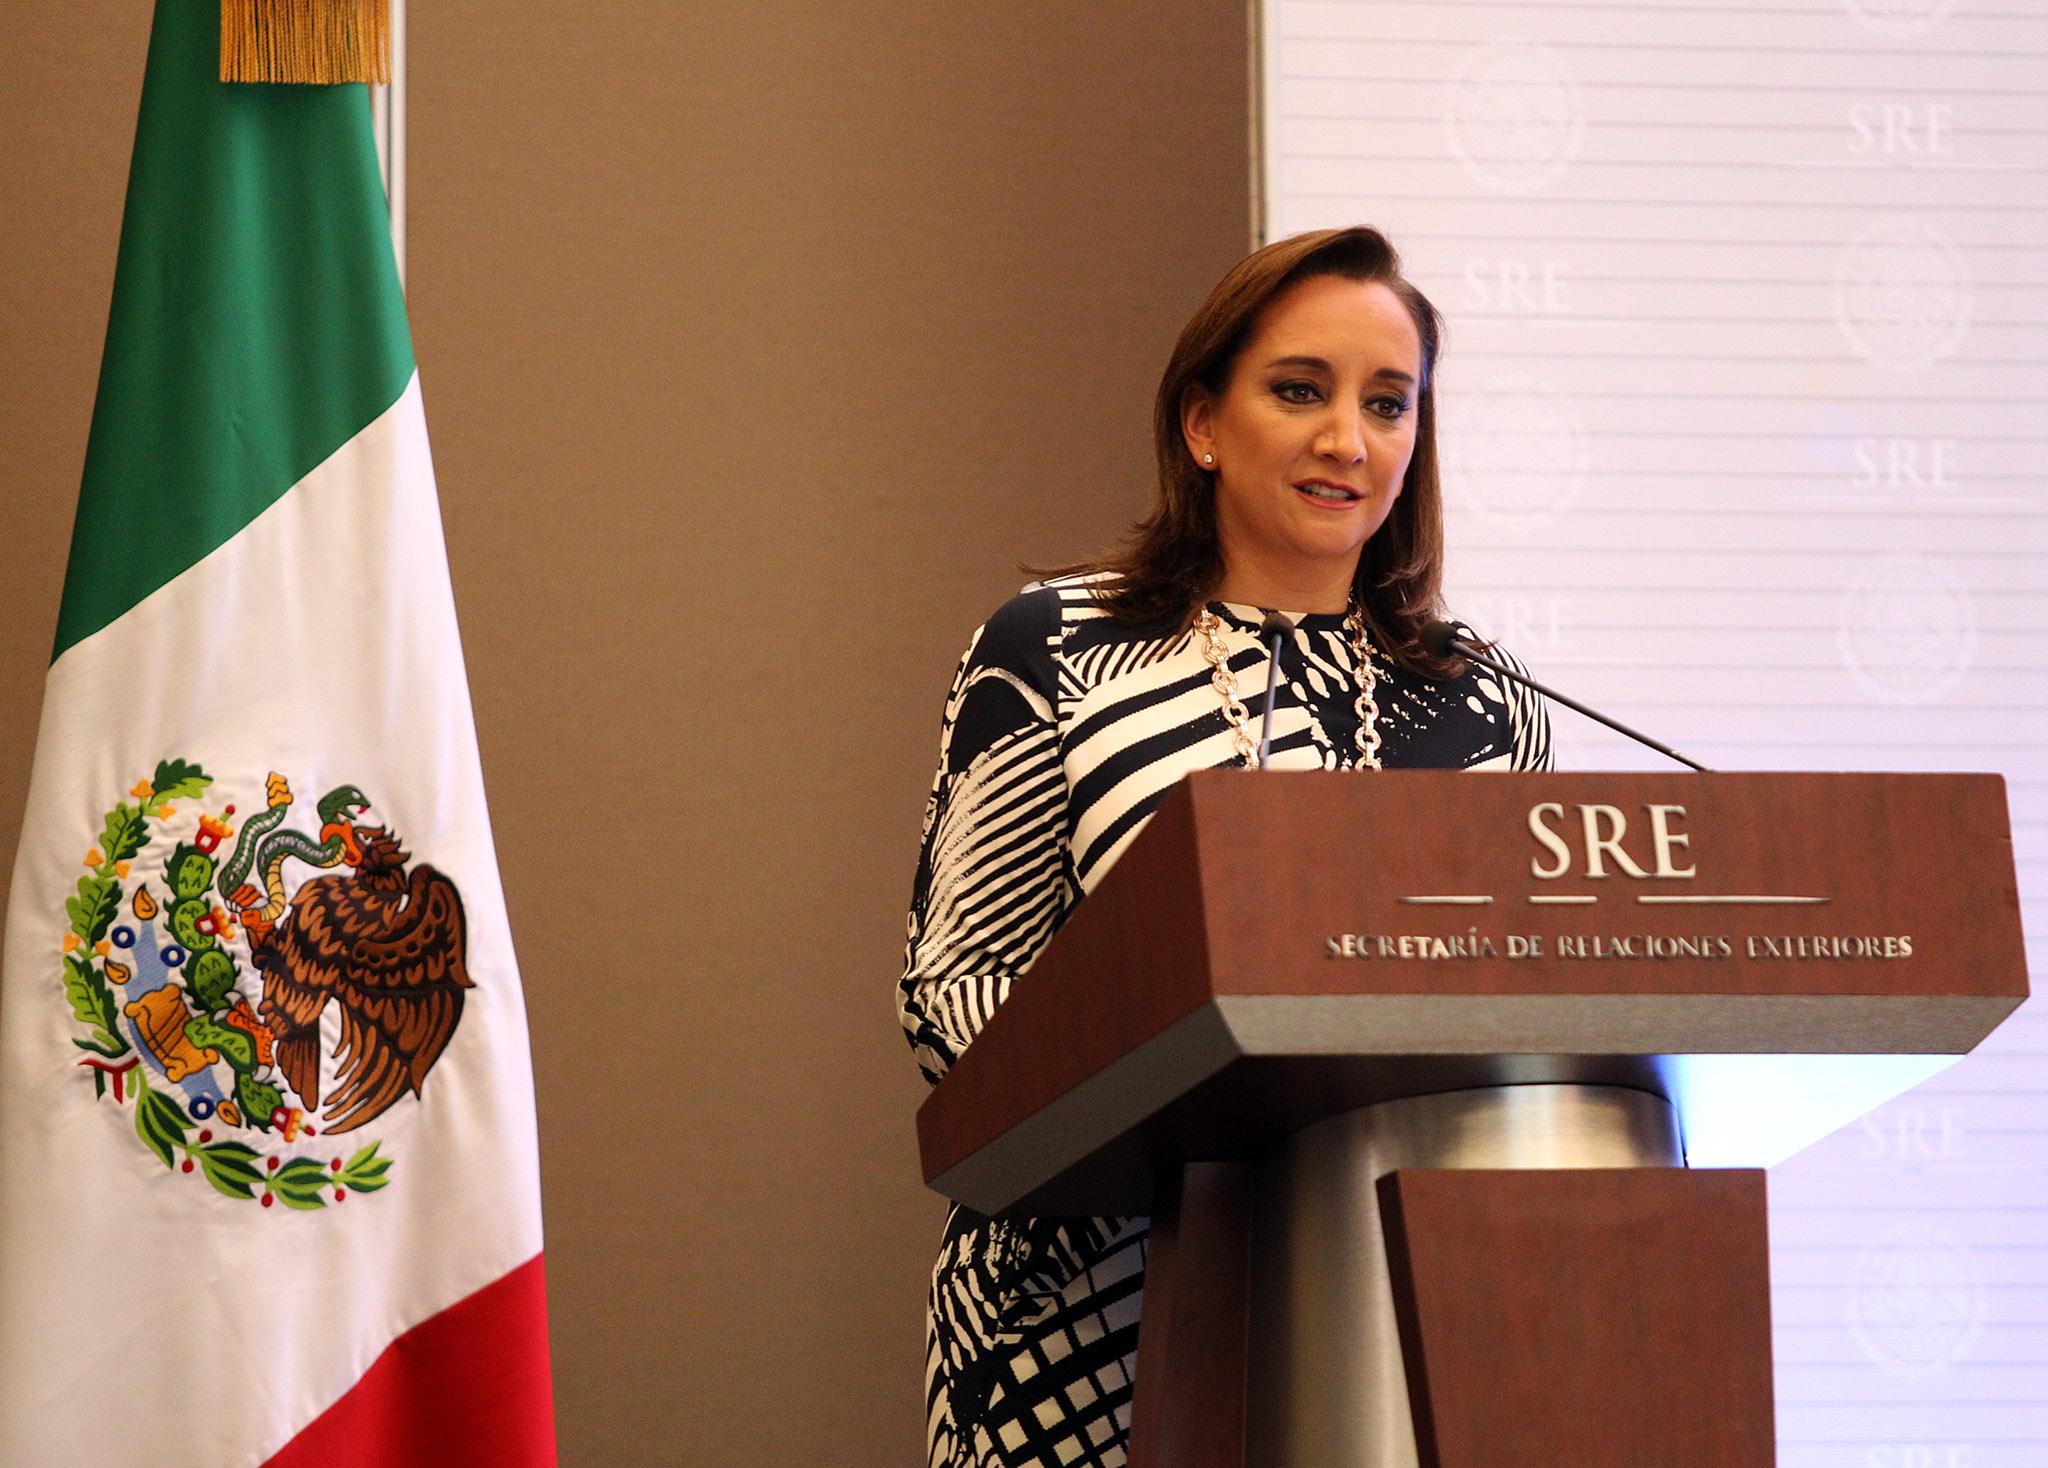 FOTO 1 Canciller Claudia Ruiz Massieu tom  protesta a nuevos integrantes de la rama t cnico administrativa.jpg